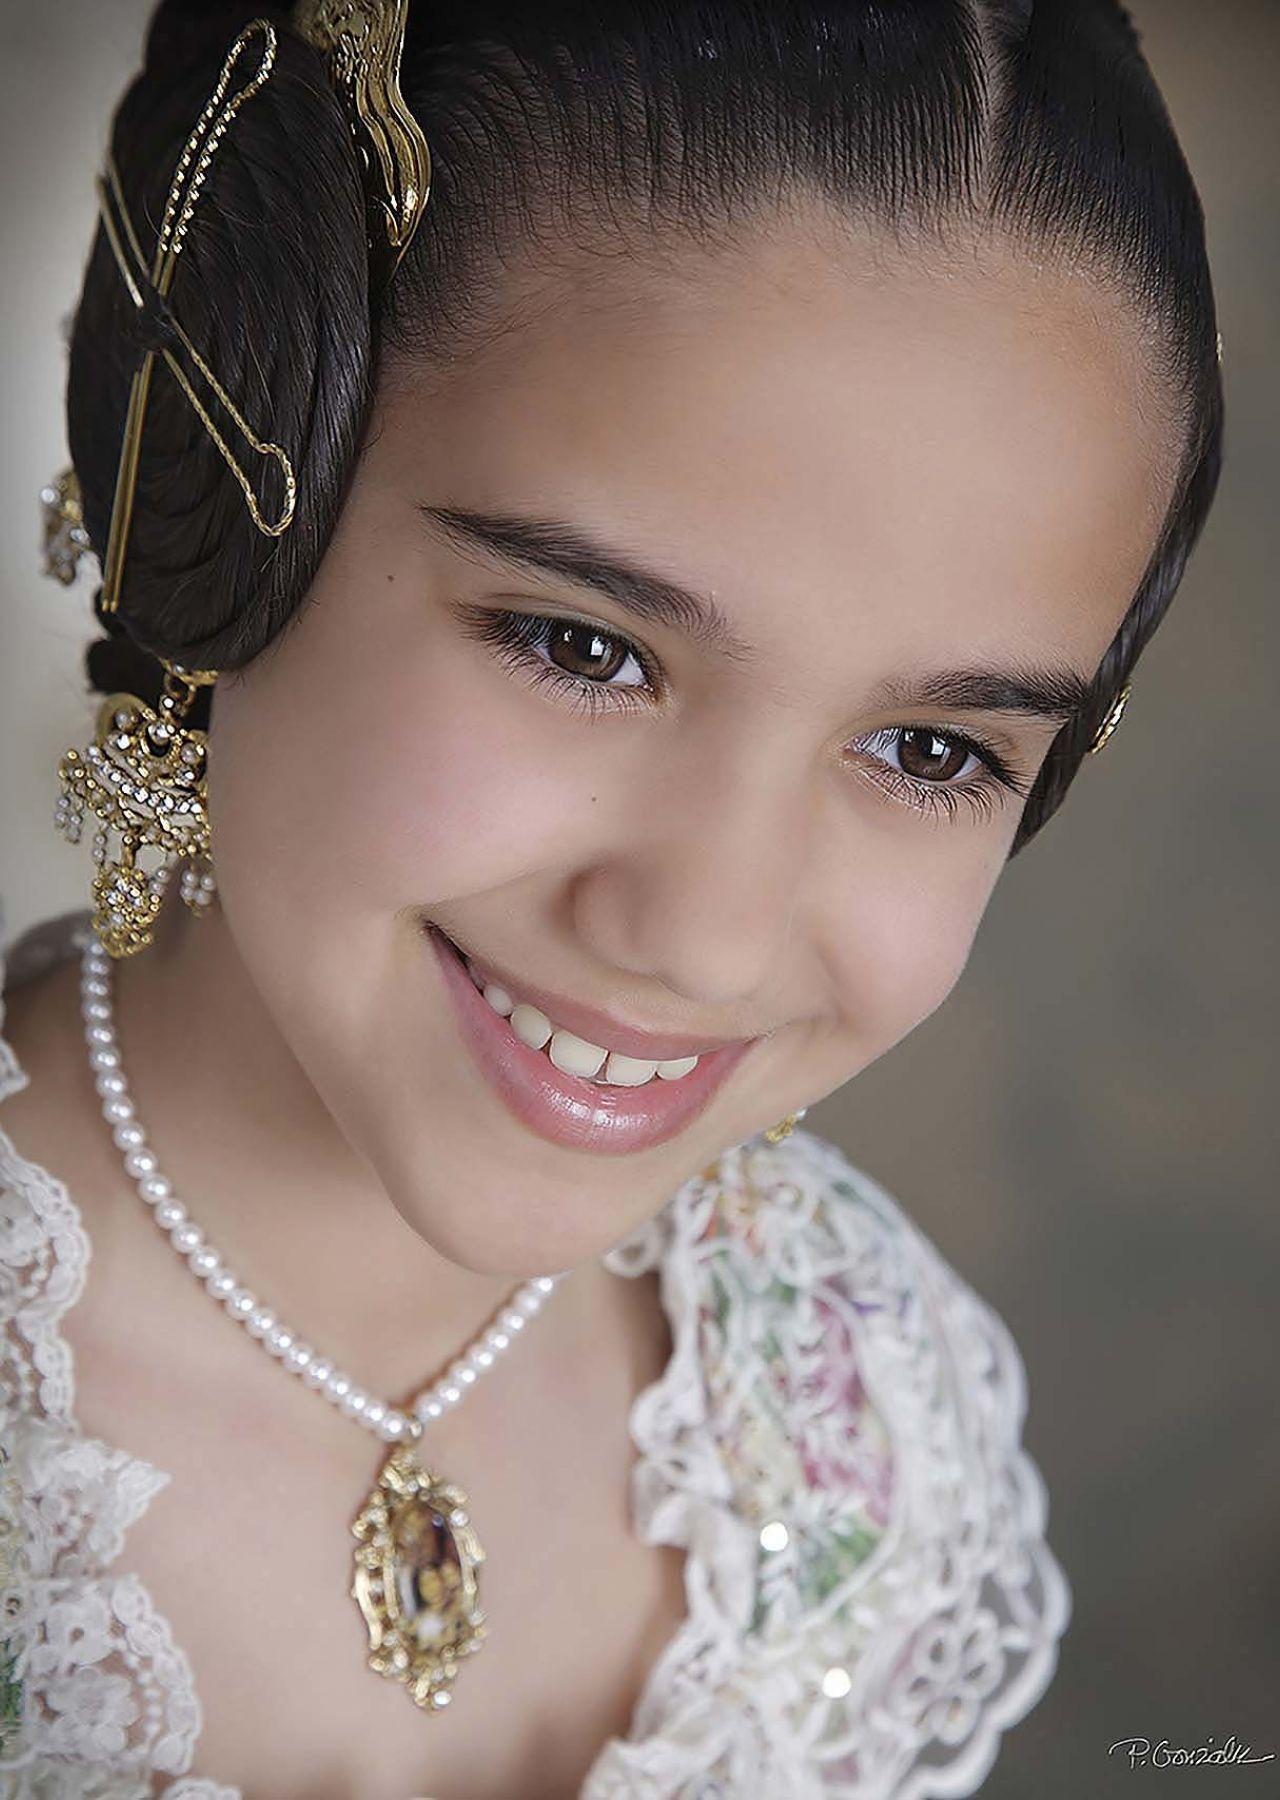 Sara Larrazábal Bernal